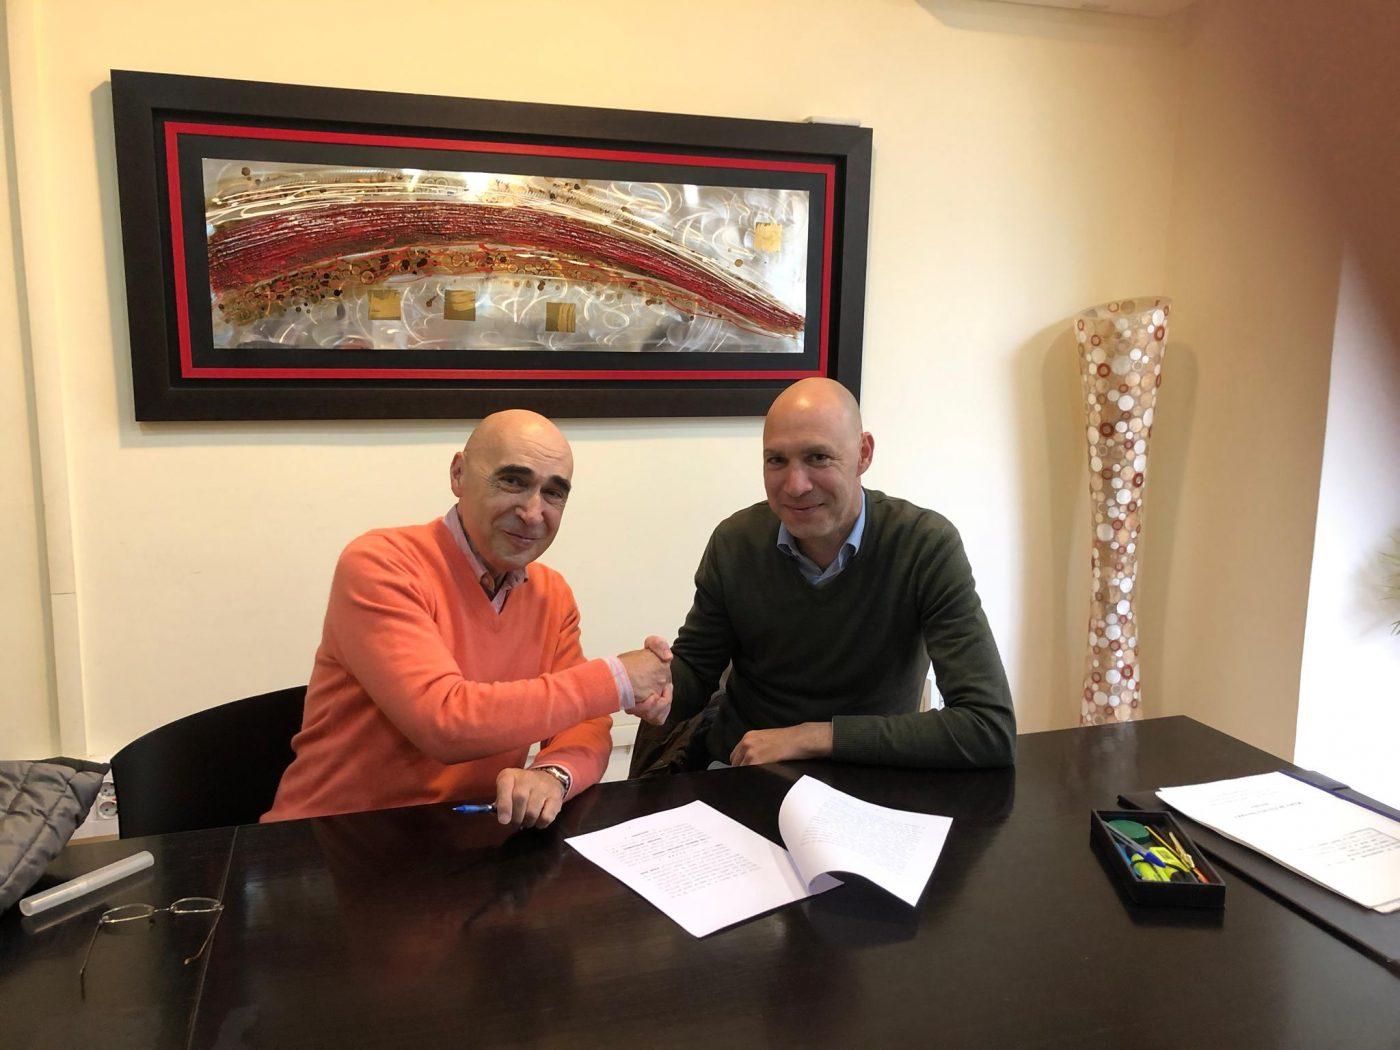 Nace ARQUIMA DEVELOPMENTS, una nueva empresa fundada por ARQUIMA y AZMER